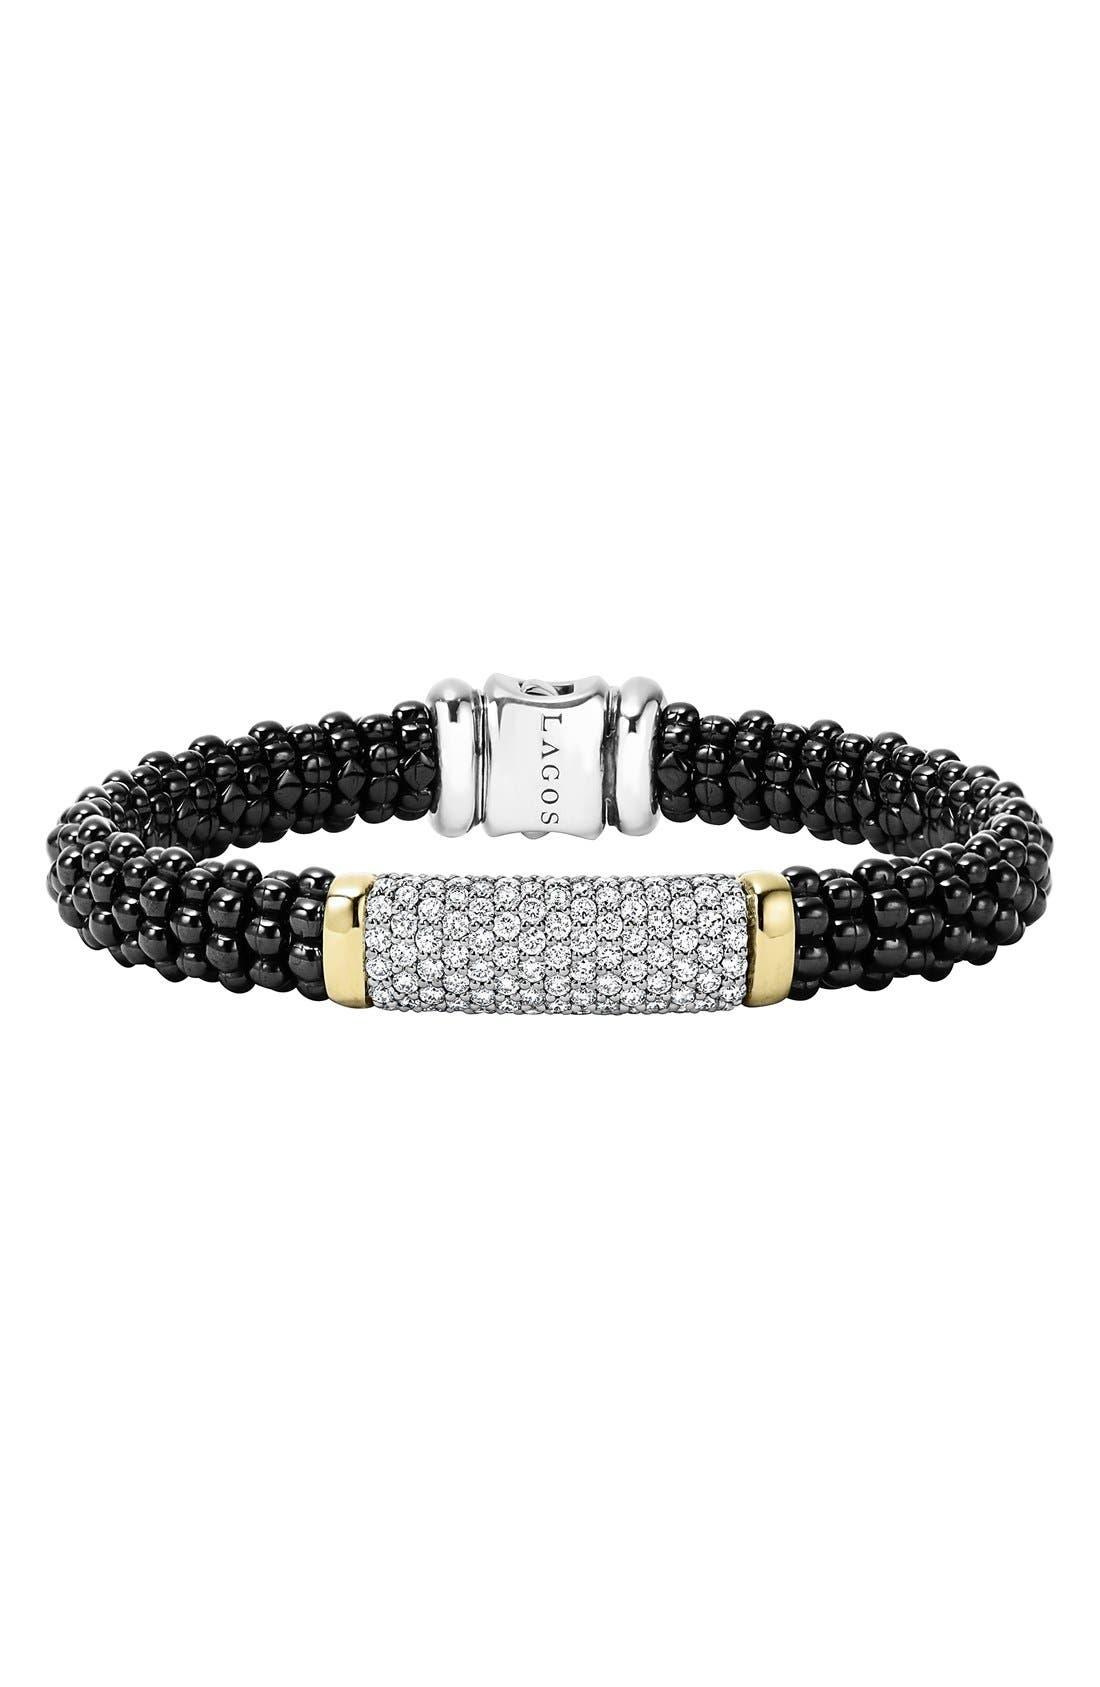 Alternate Image 1 Selected - LAGOS 'Black Caviar' Diamond Rope Bracelet